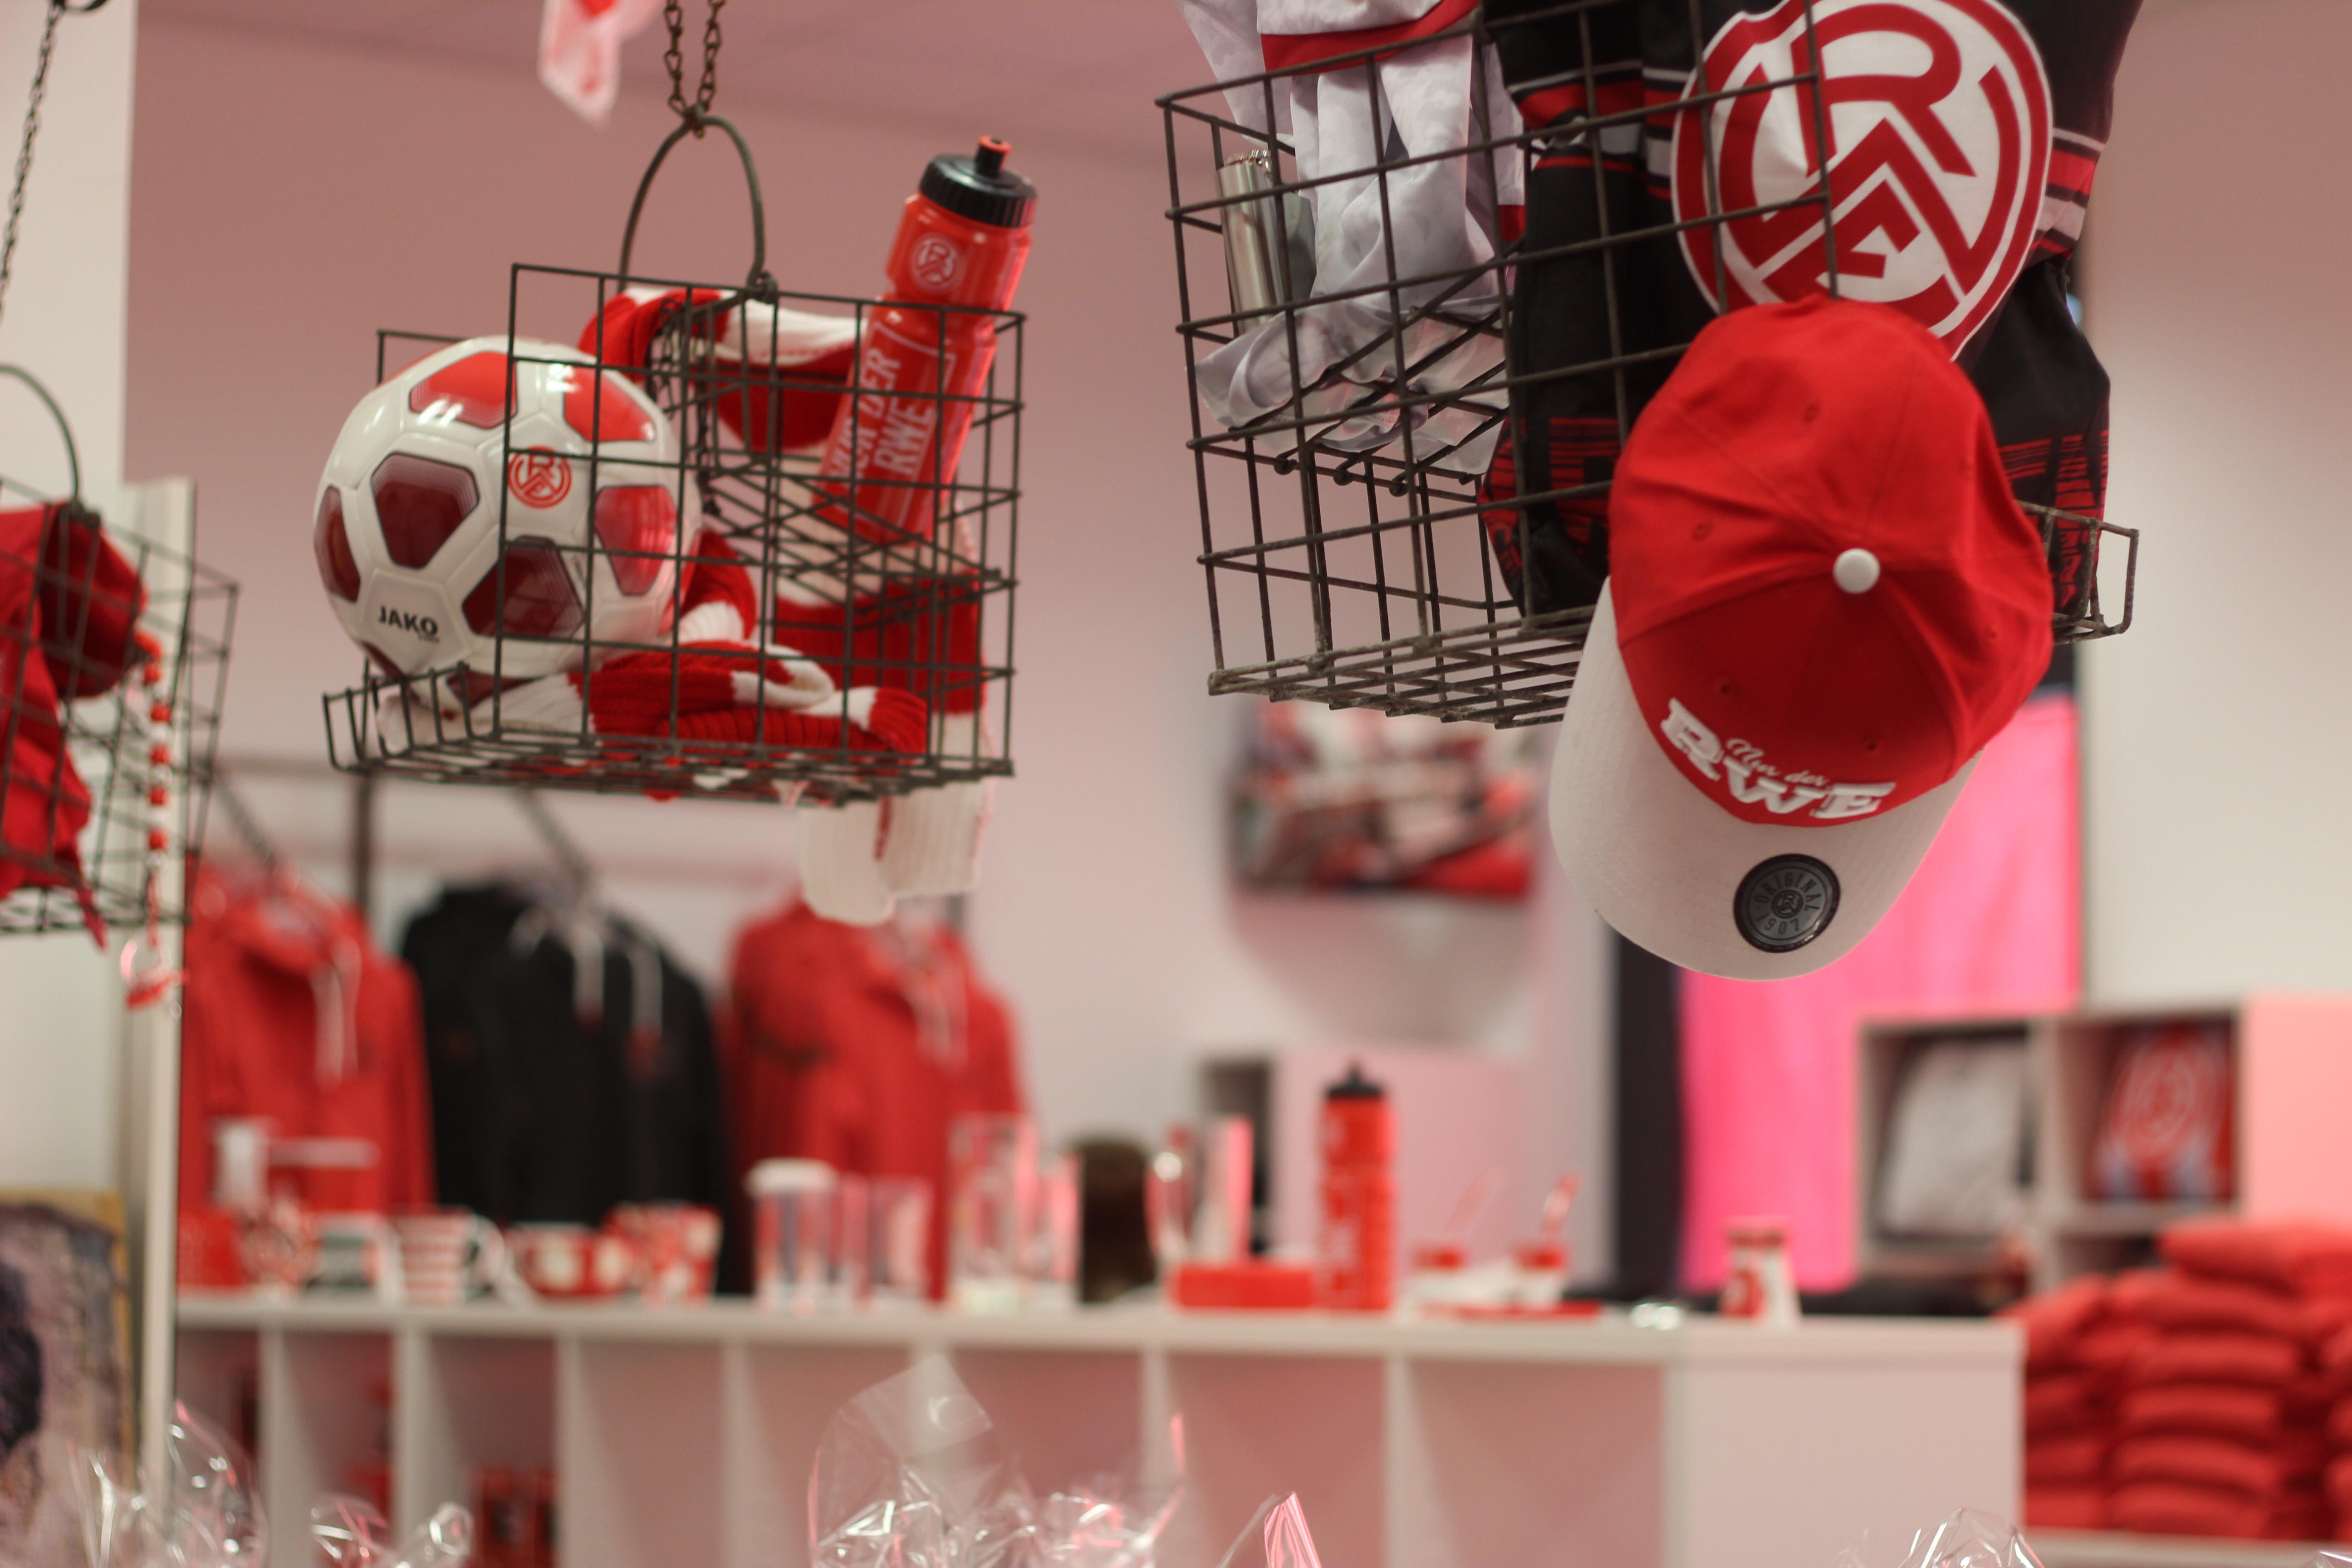 Schnäppchenjäger aufgepasst: Mittwoch können Rot-Weisse beim Sonderverkauf von exklusiven Angeboten profitieren. (Foto: Endberg)